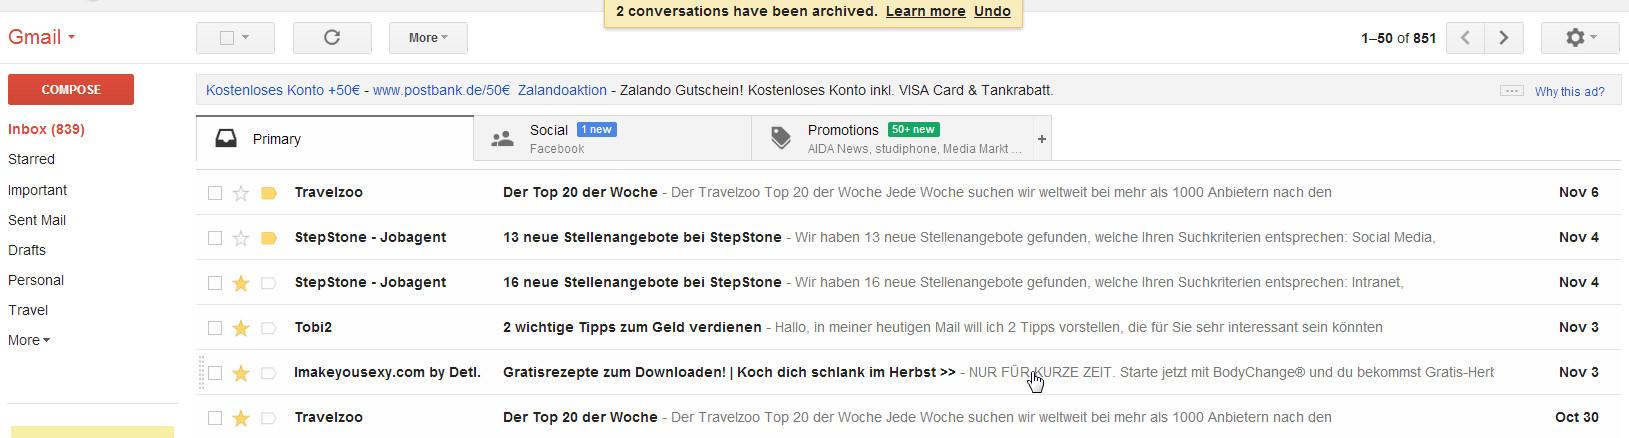 Google Tools Gmail - Mails einfach handeln